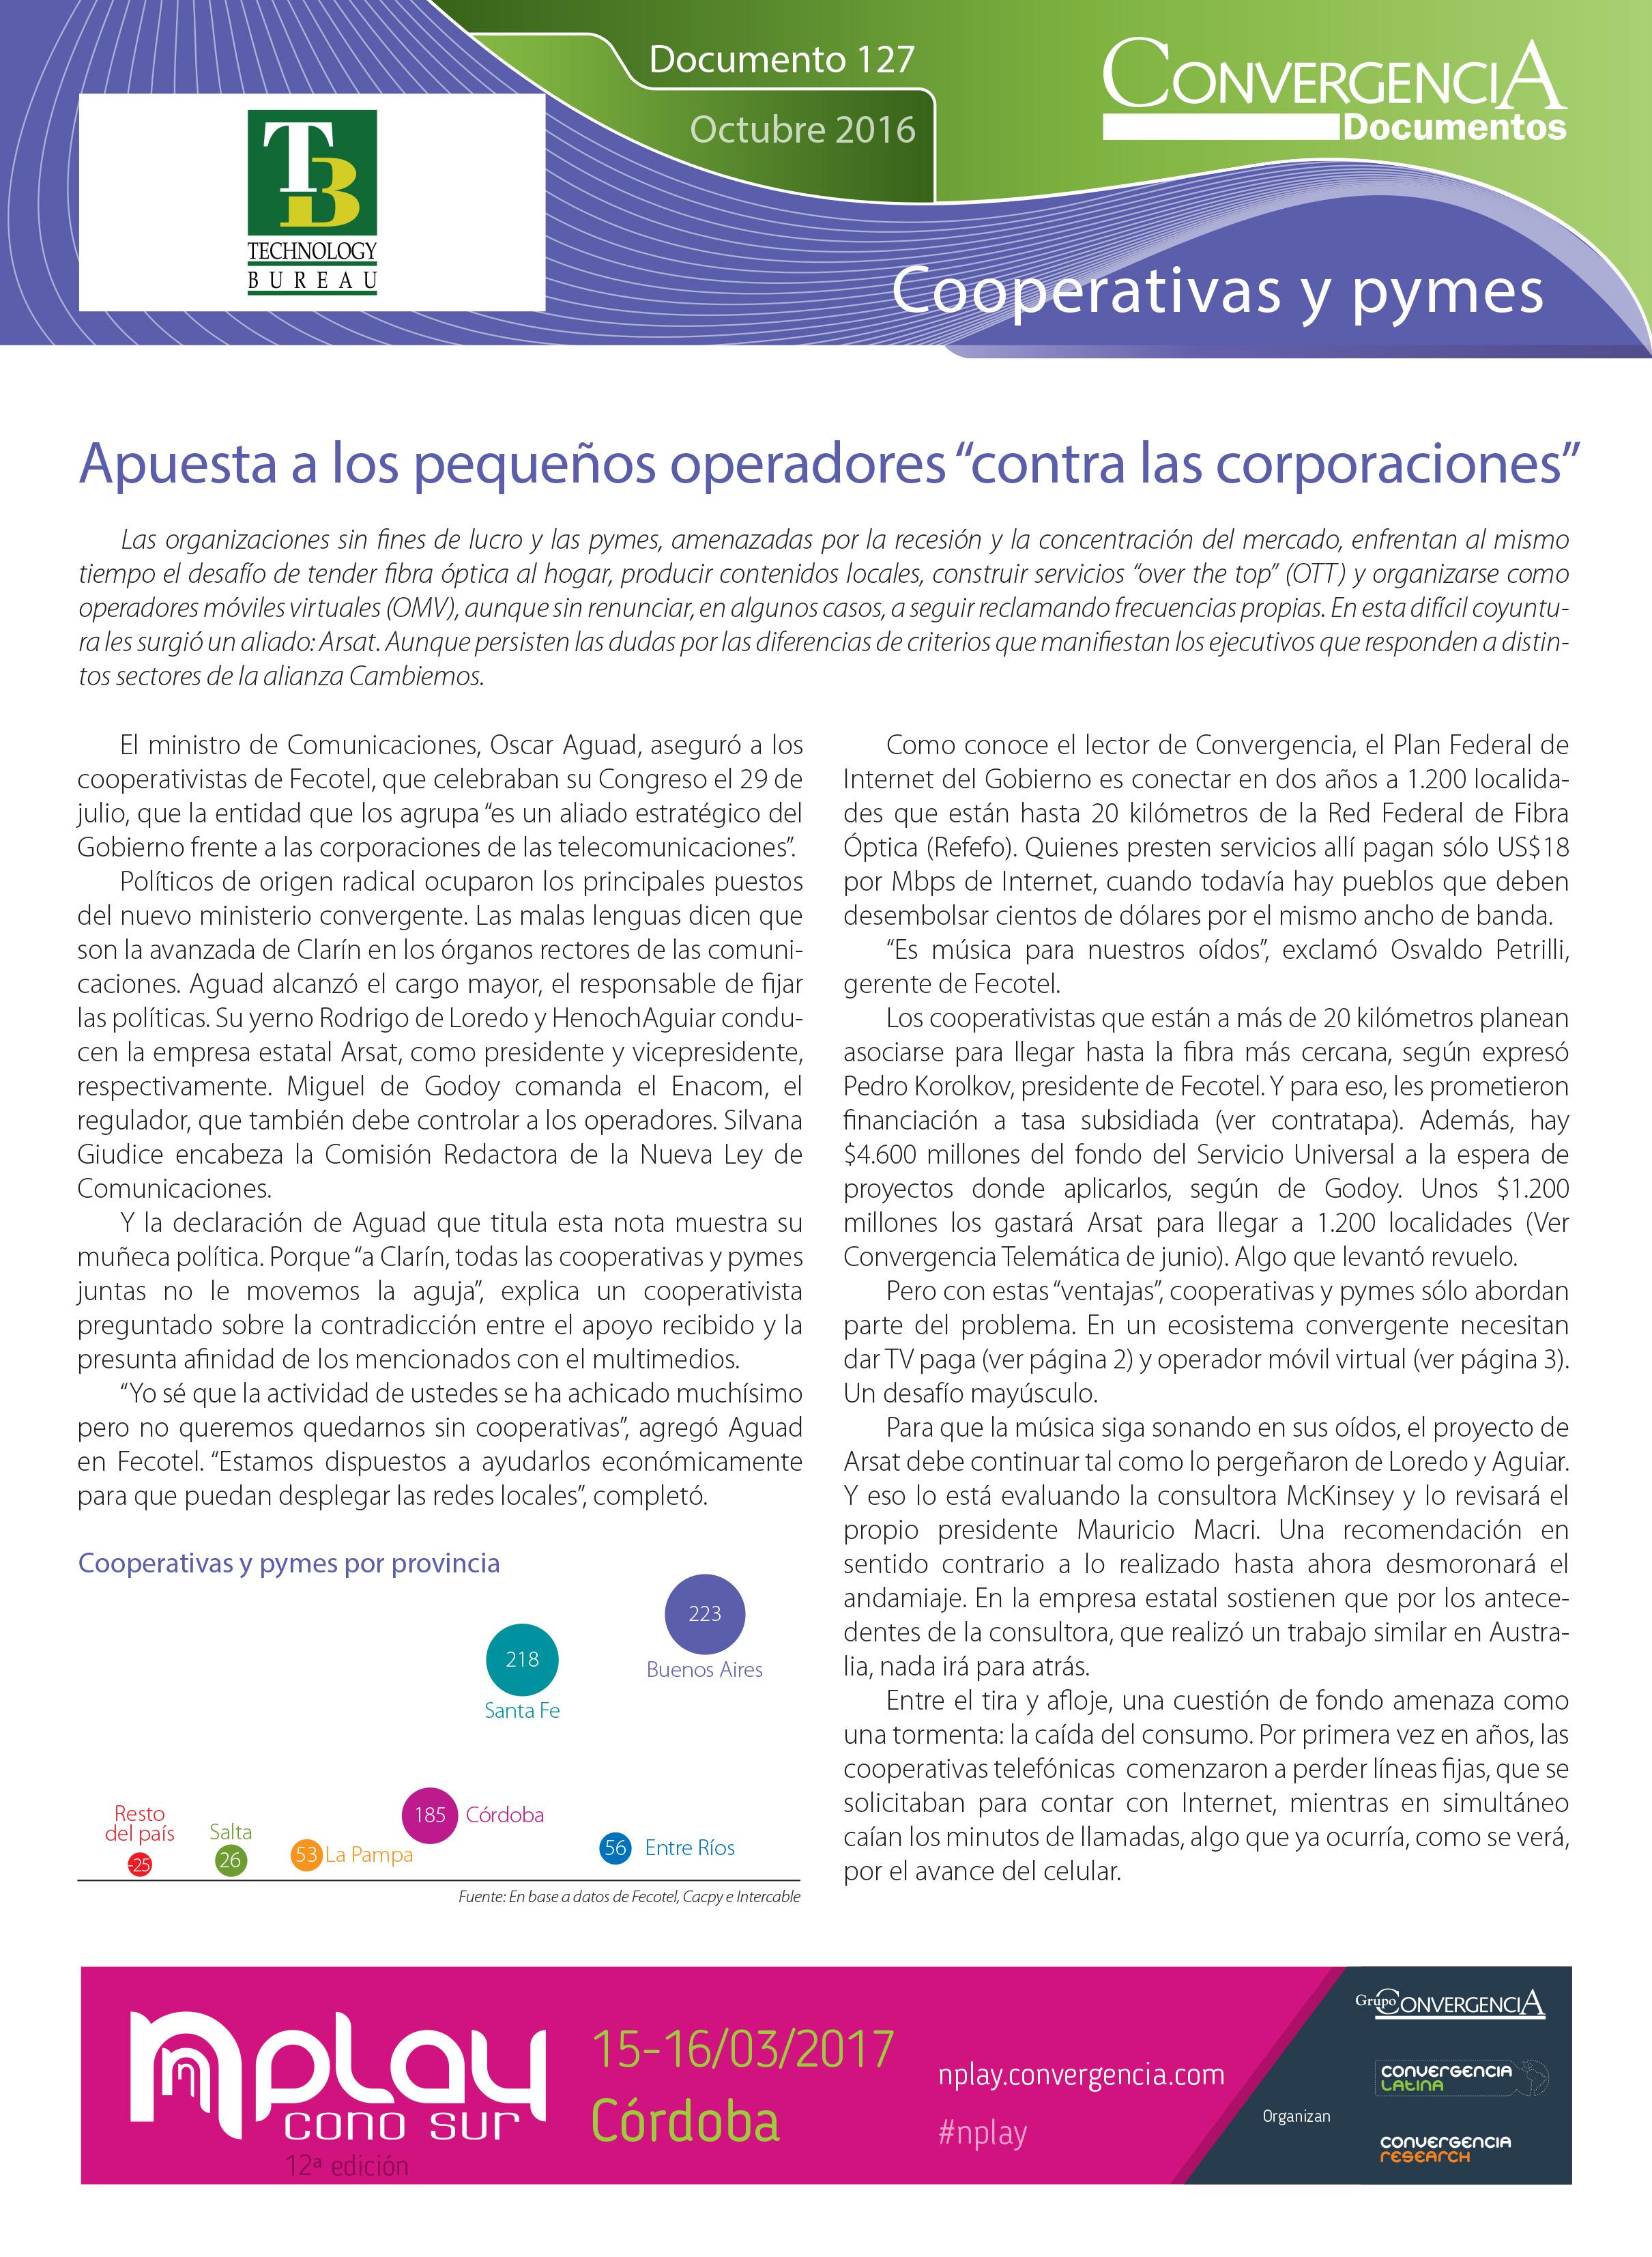 Cooperativas y pymes